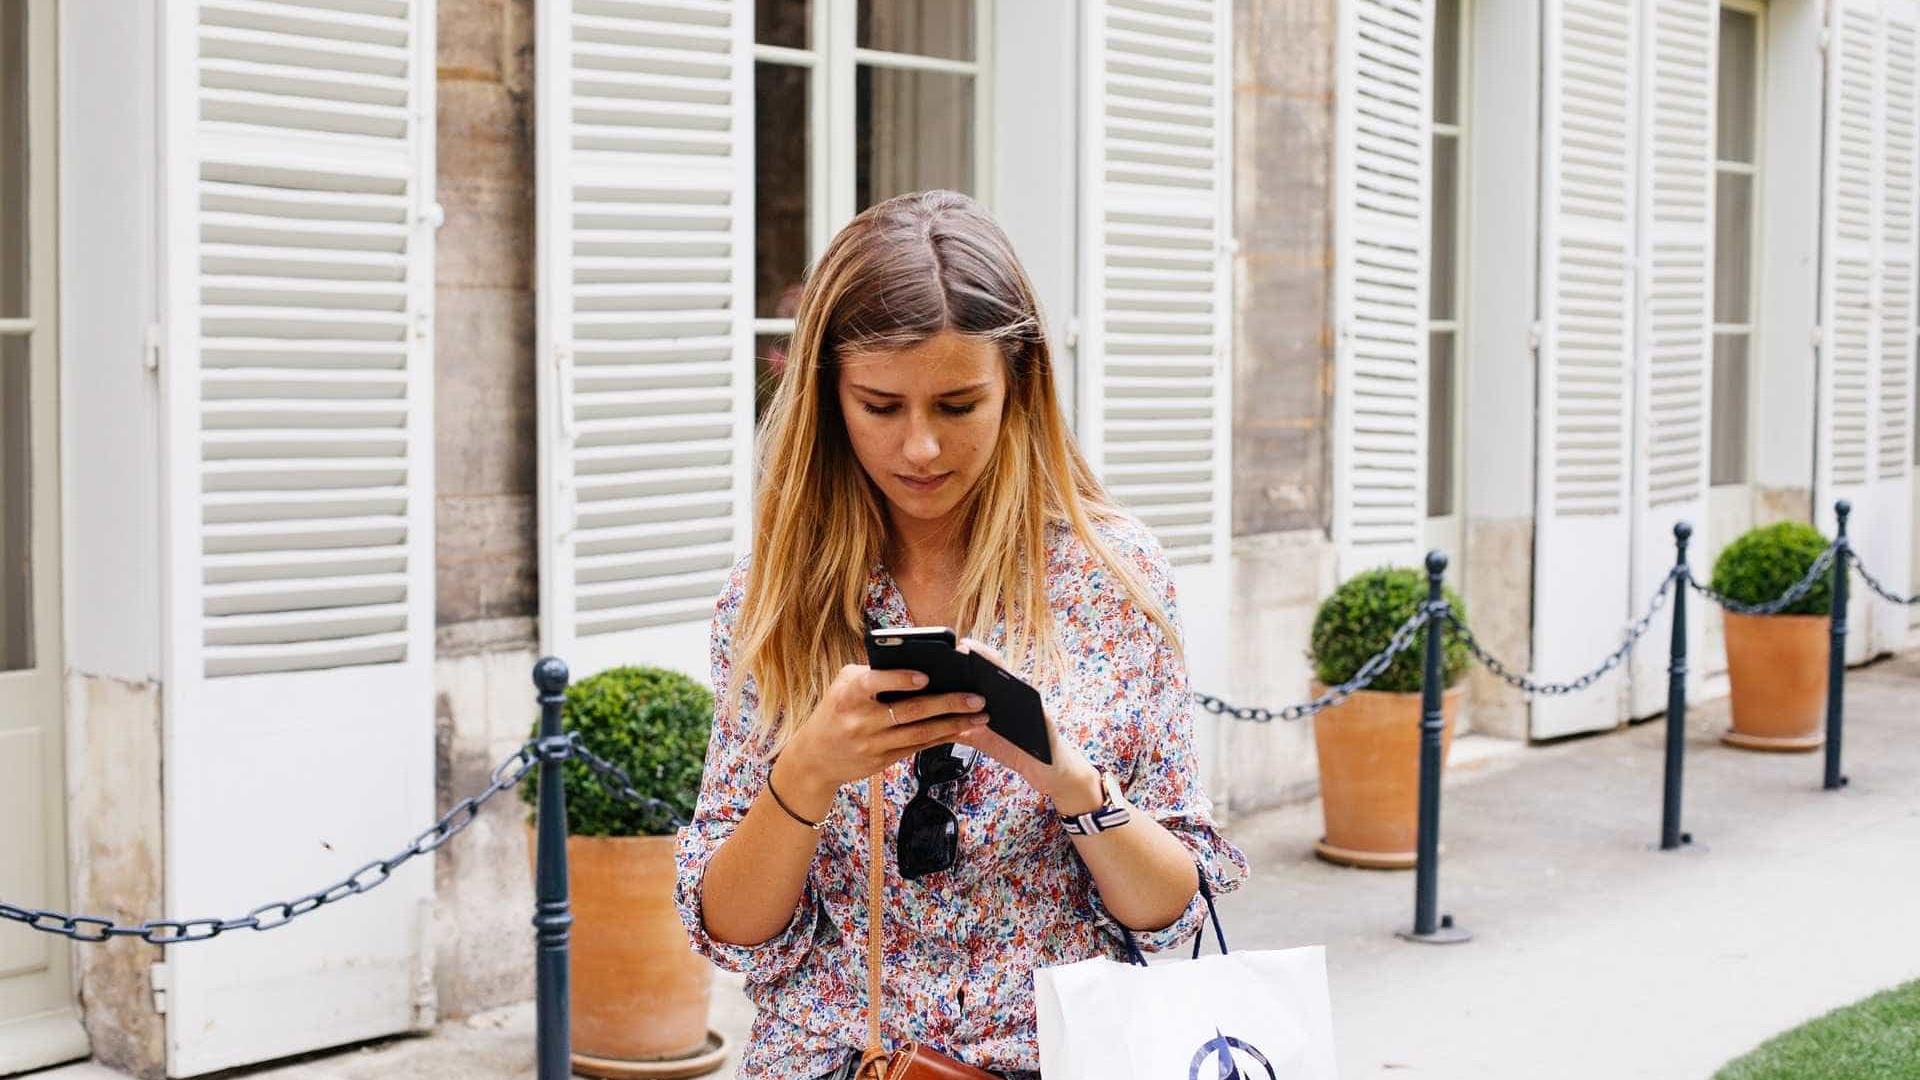 Sabia que o seu smartphone pode estar a afetar-lhe o relógio biológico?